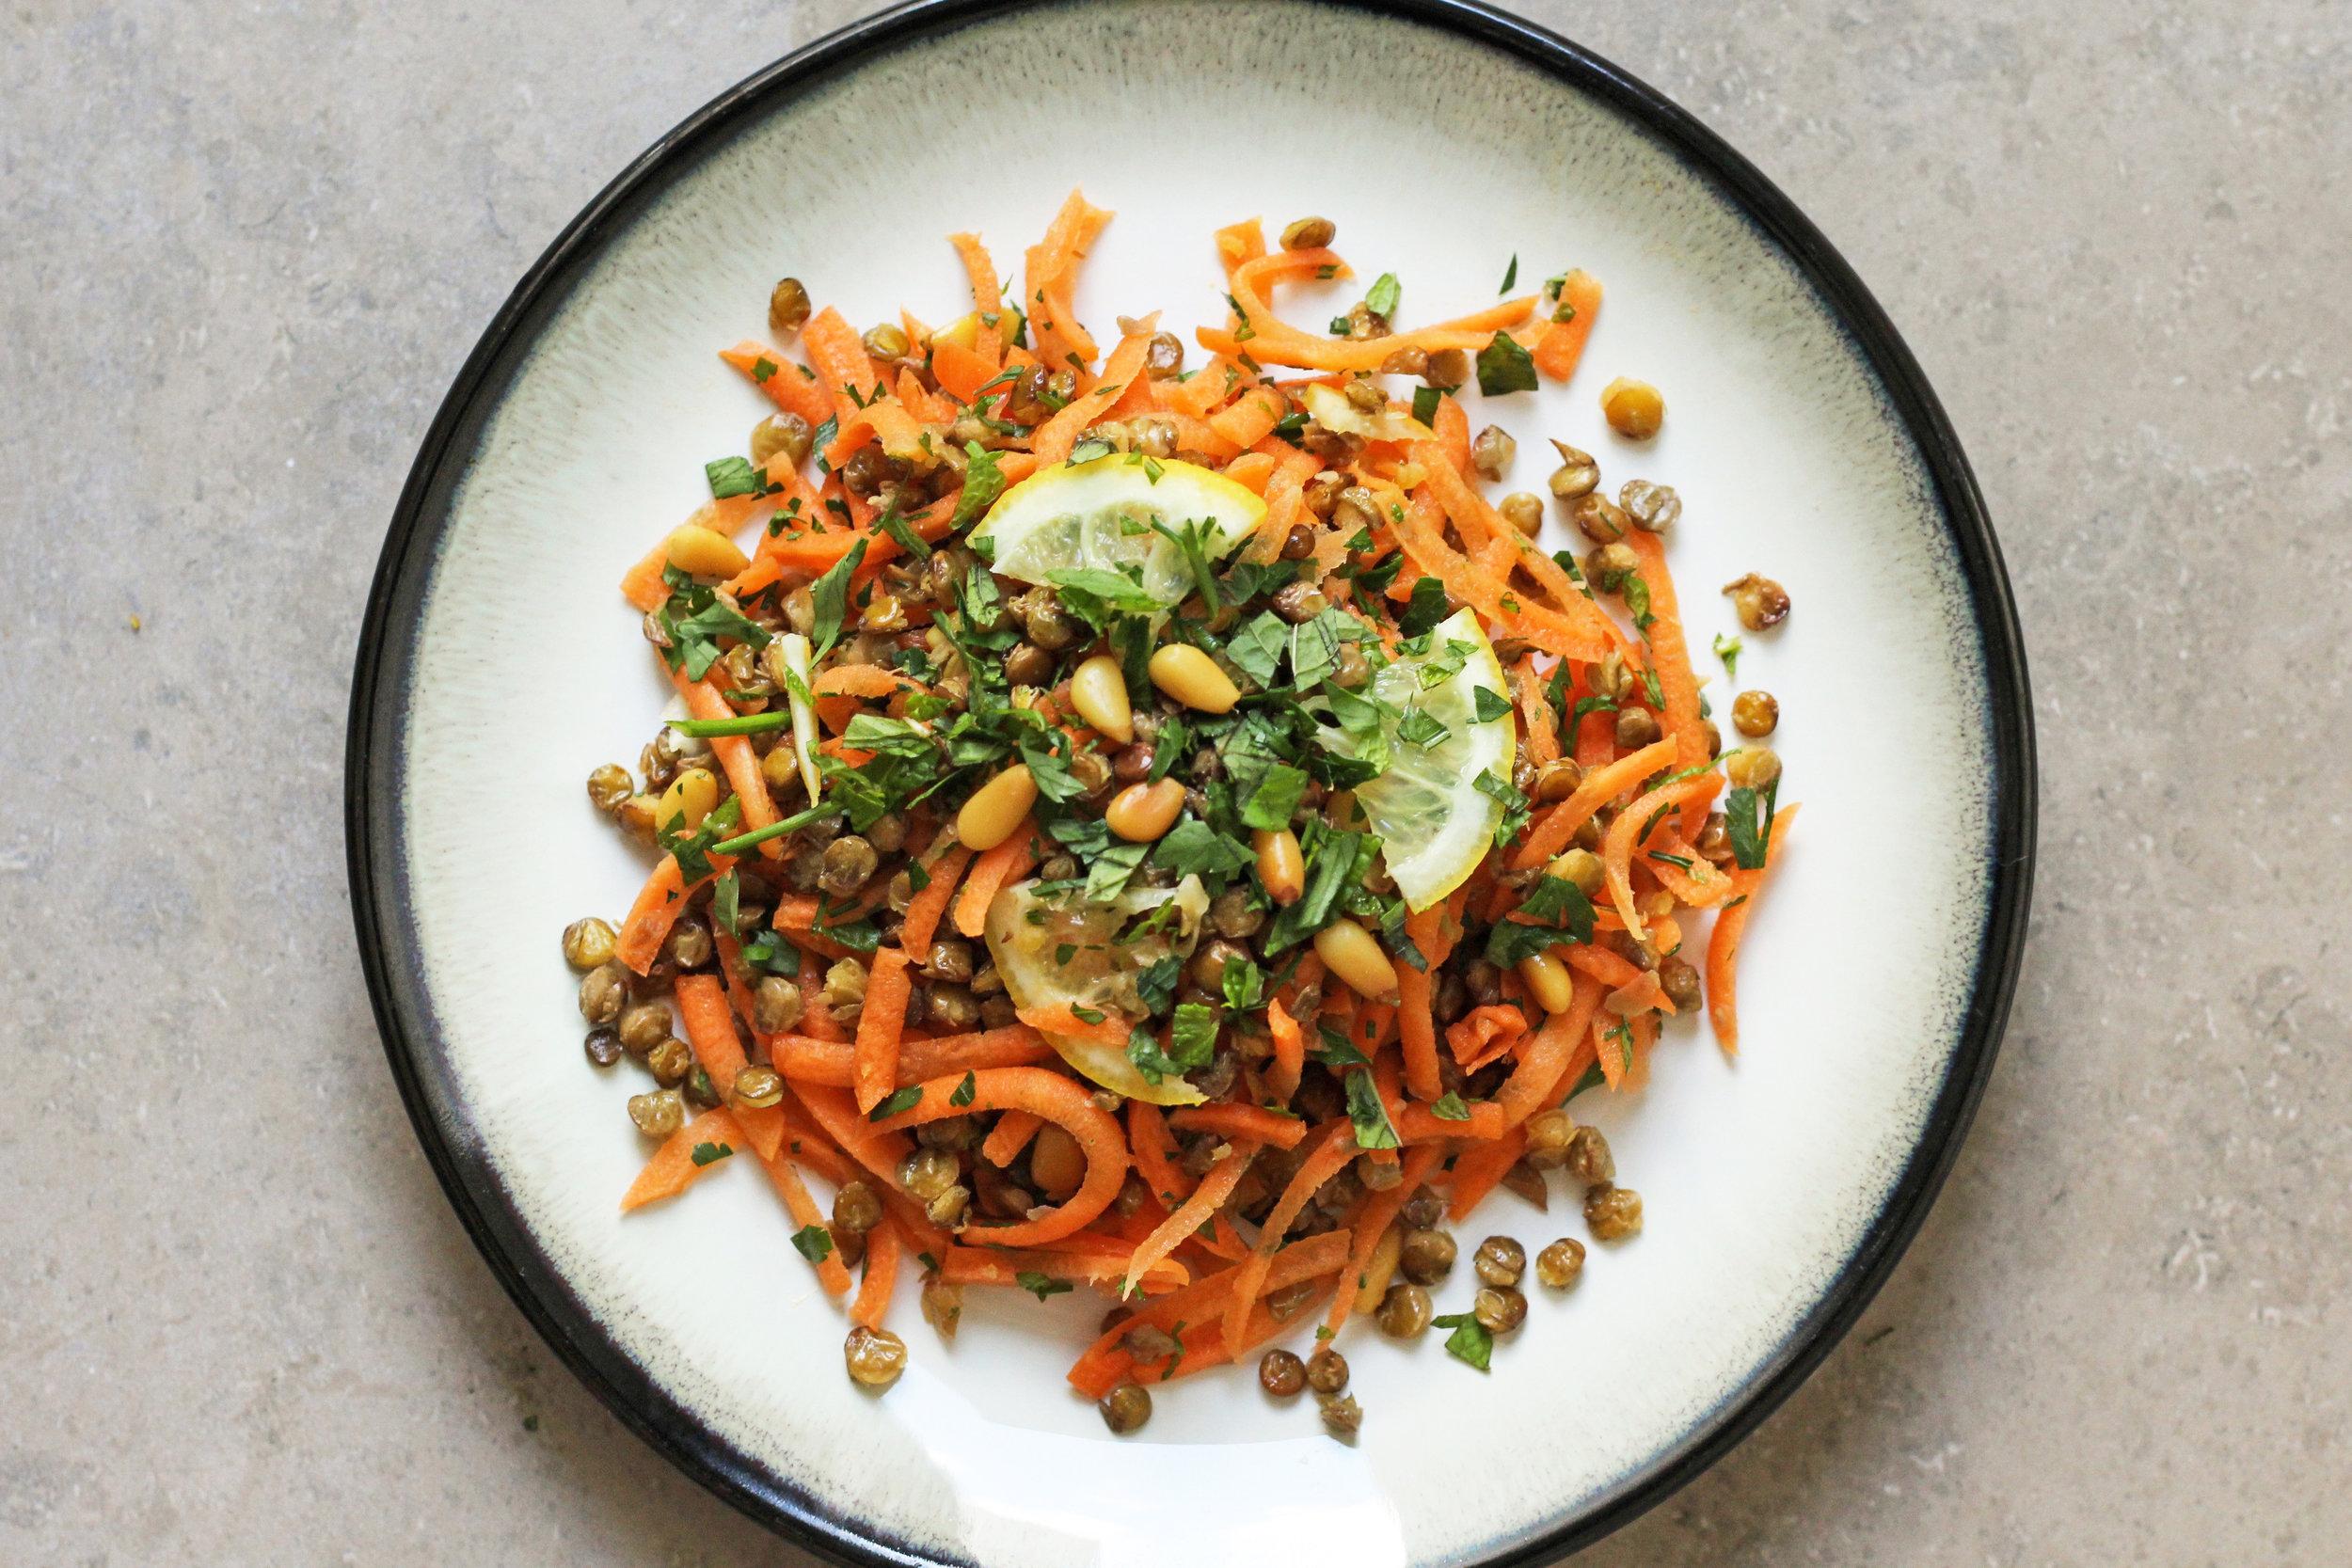 crispy lentil and carrot salad with quick-pickled lemon